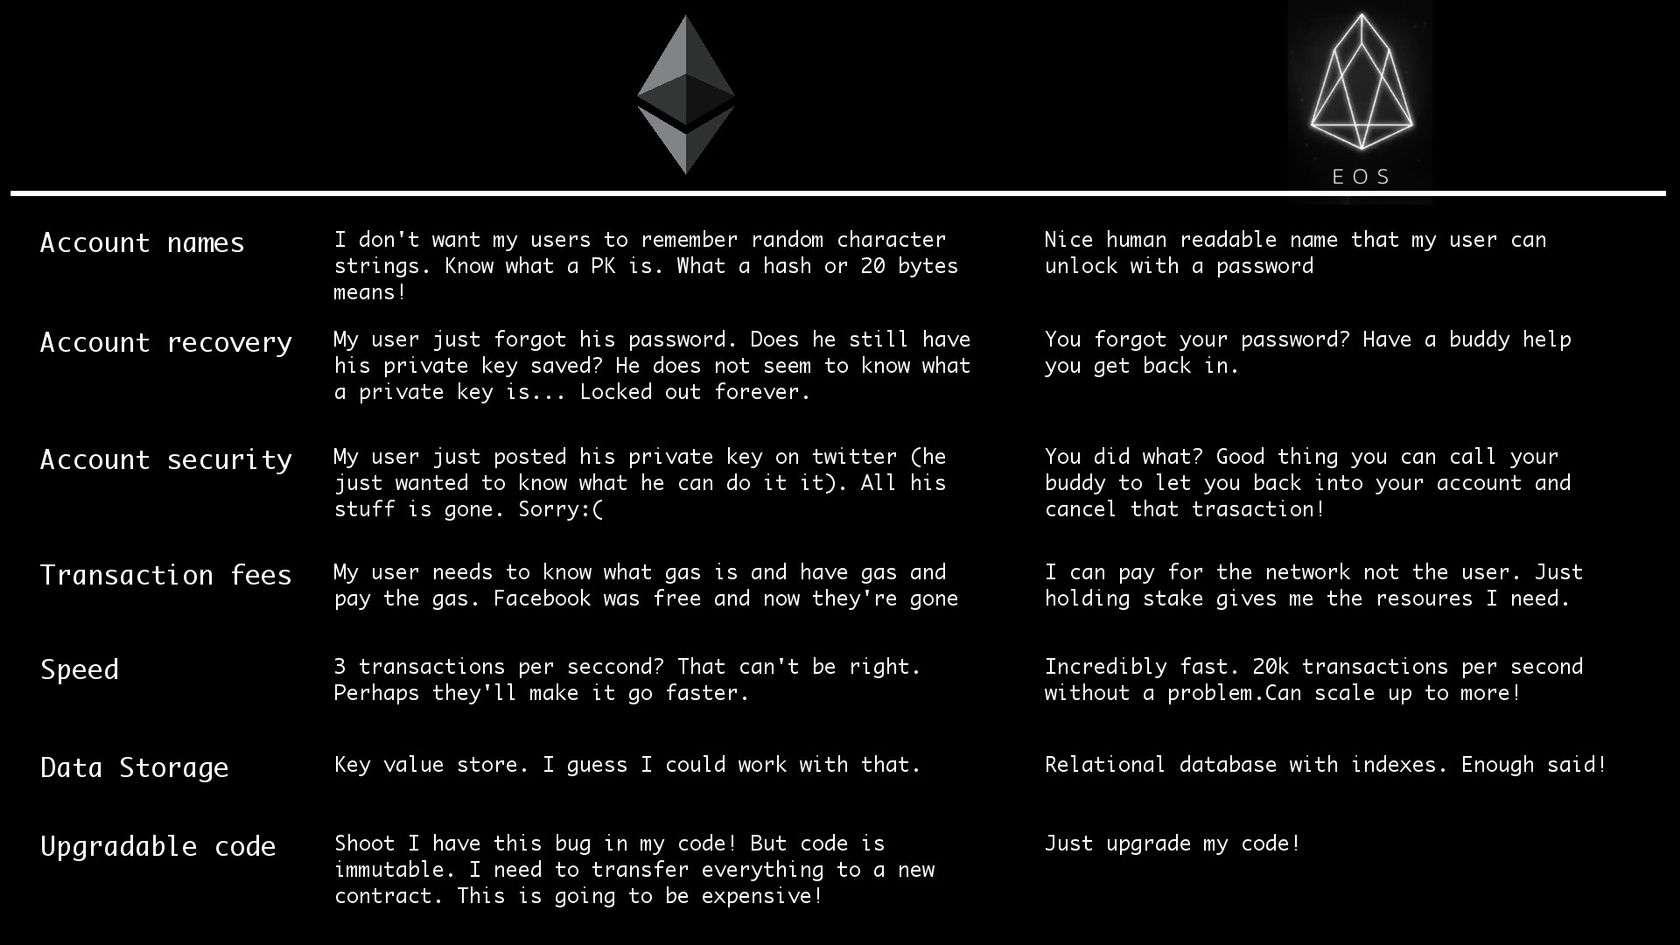 EOS vs Ethereum comparison